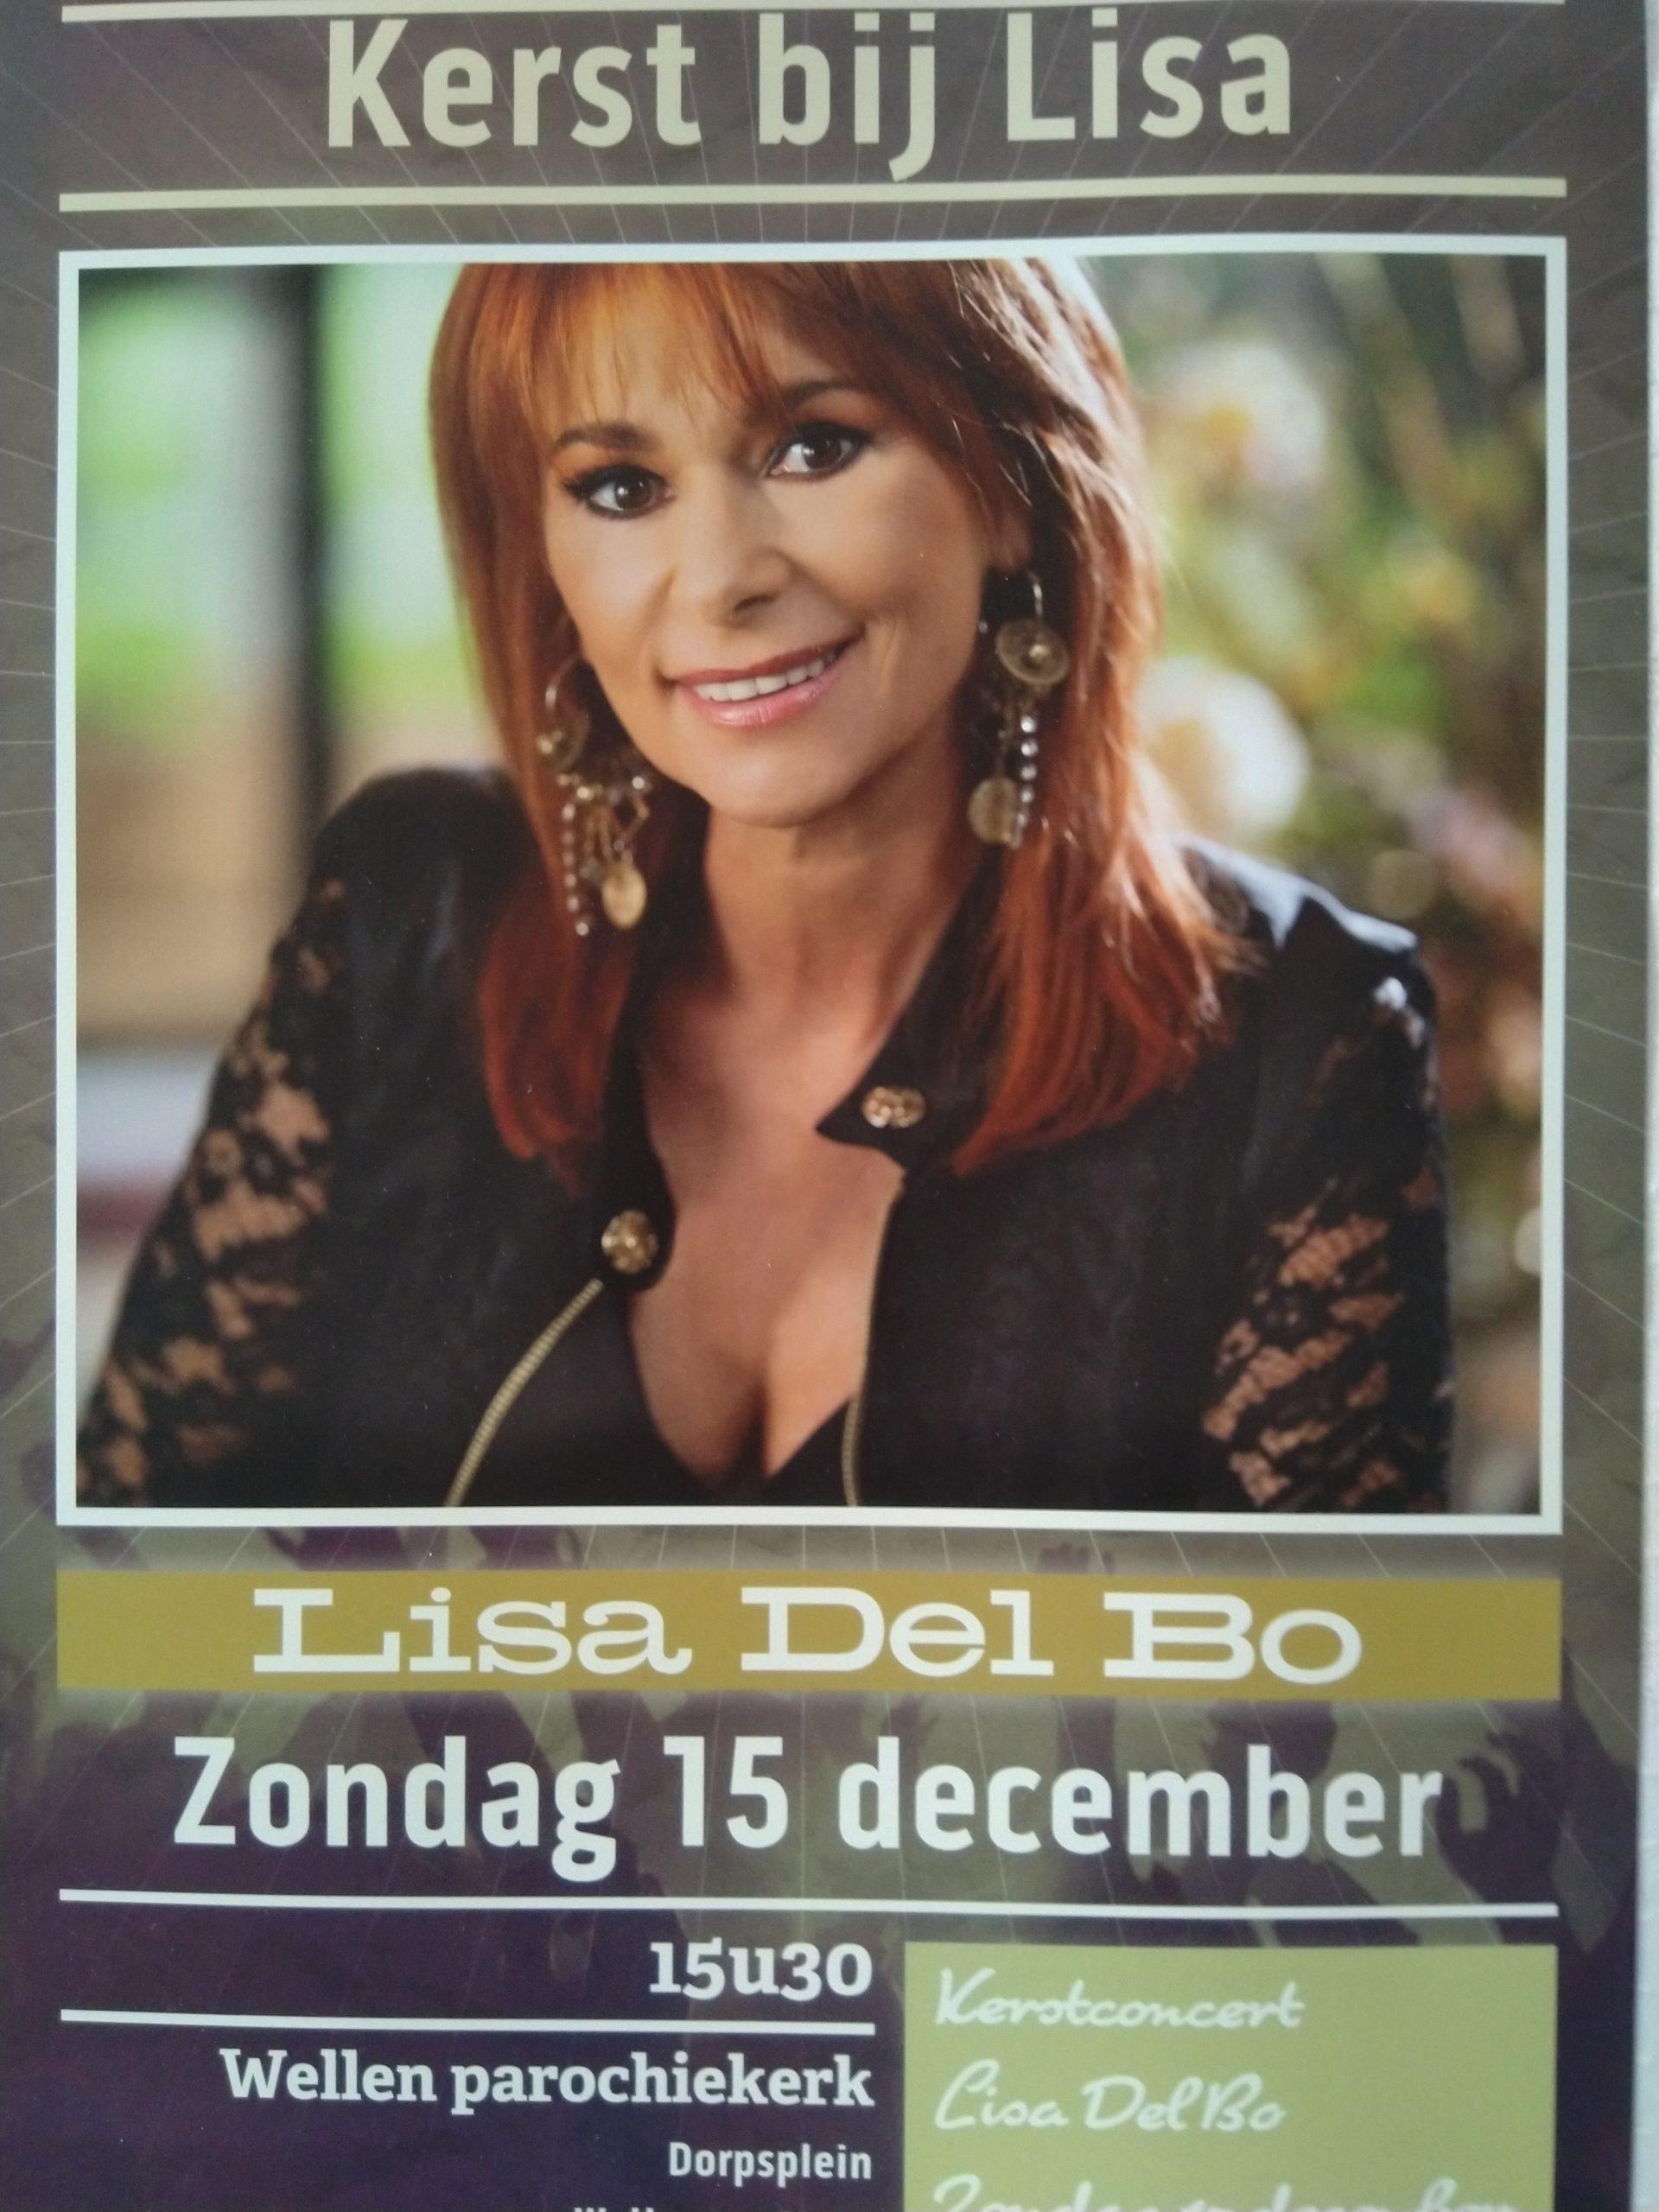 Organisatie Lisa Del Bo kerstconcert